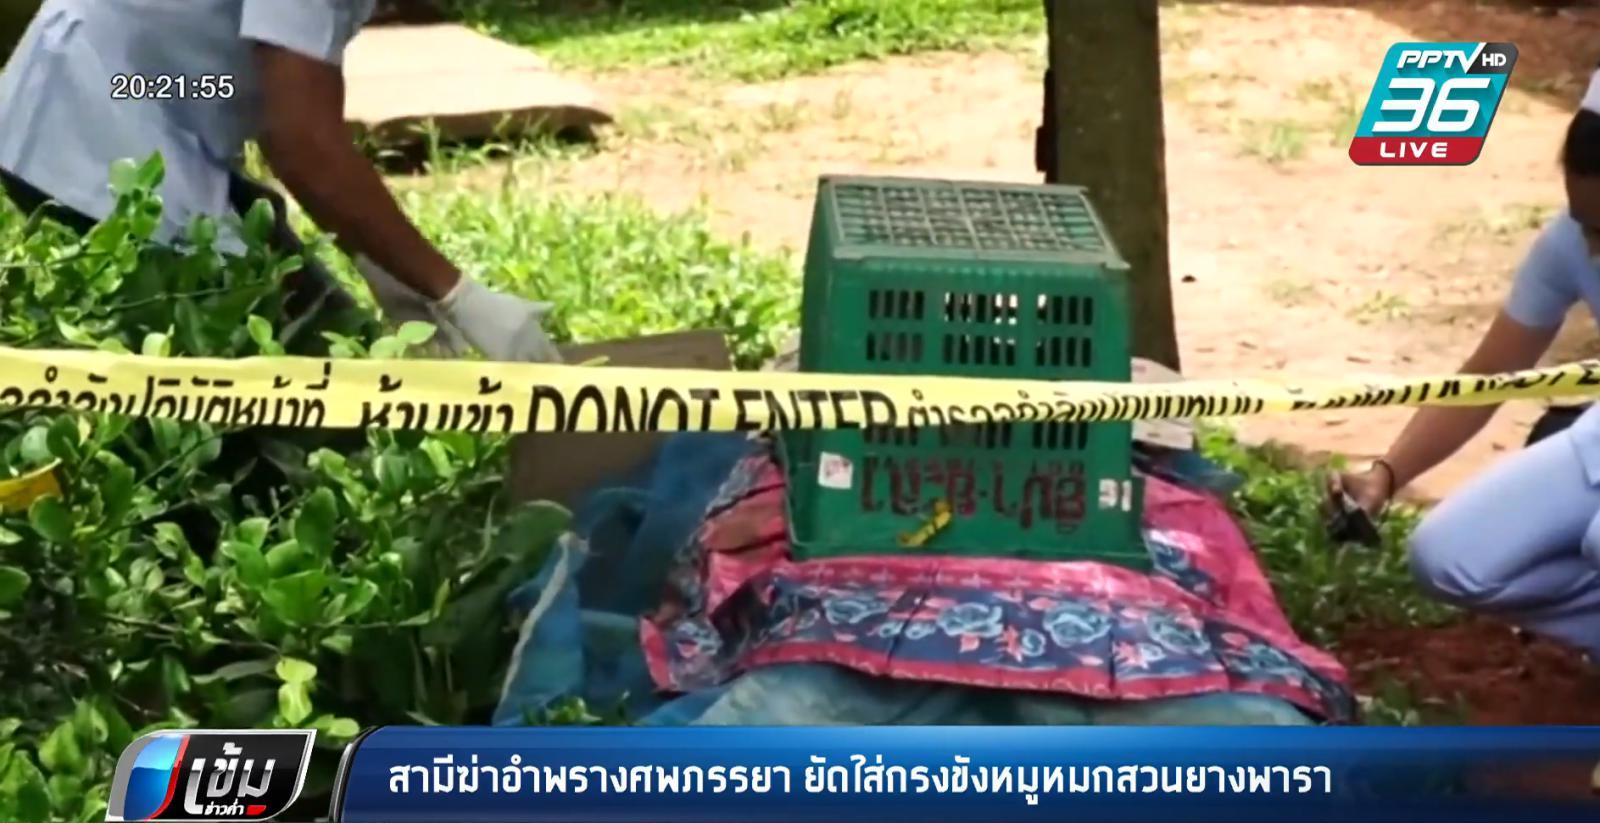 สามีฆ่าอำพรางศพภรรยา ยัดใส่กรงขังหมูหมกสวนยางพารา